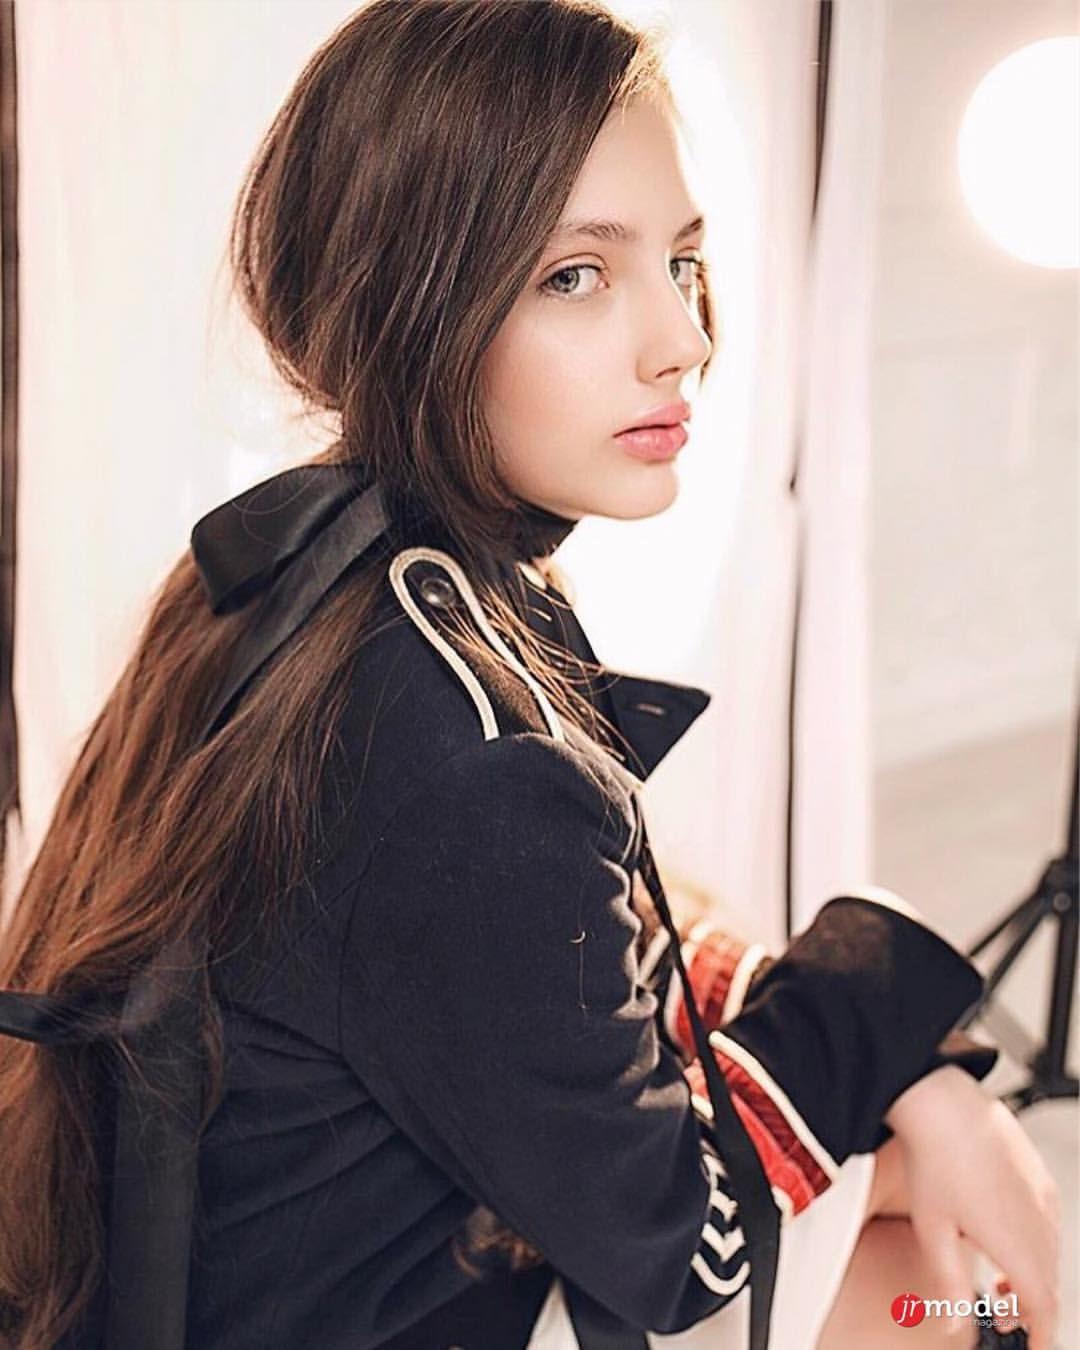 13 yo model photos